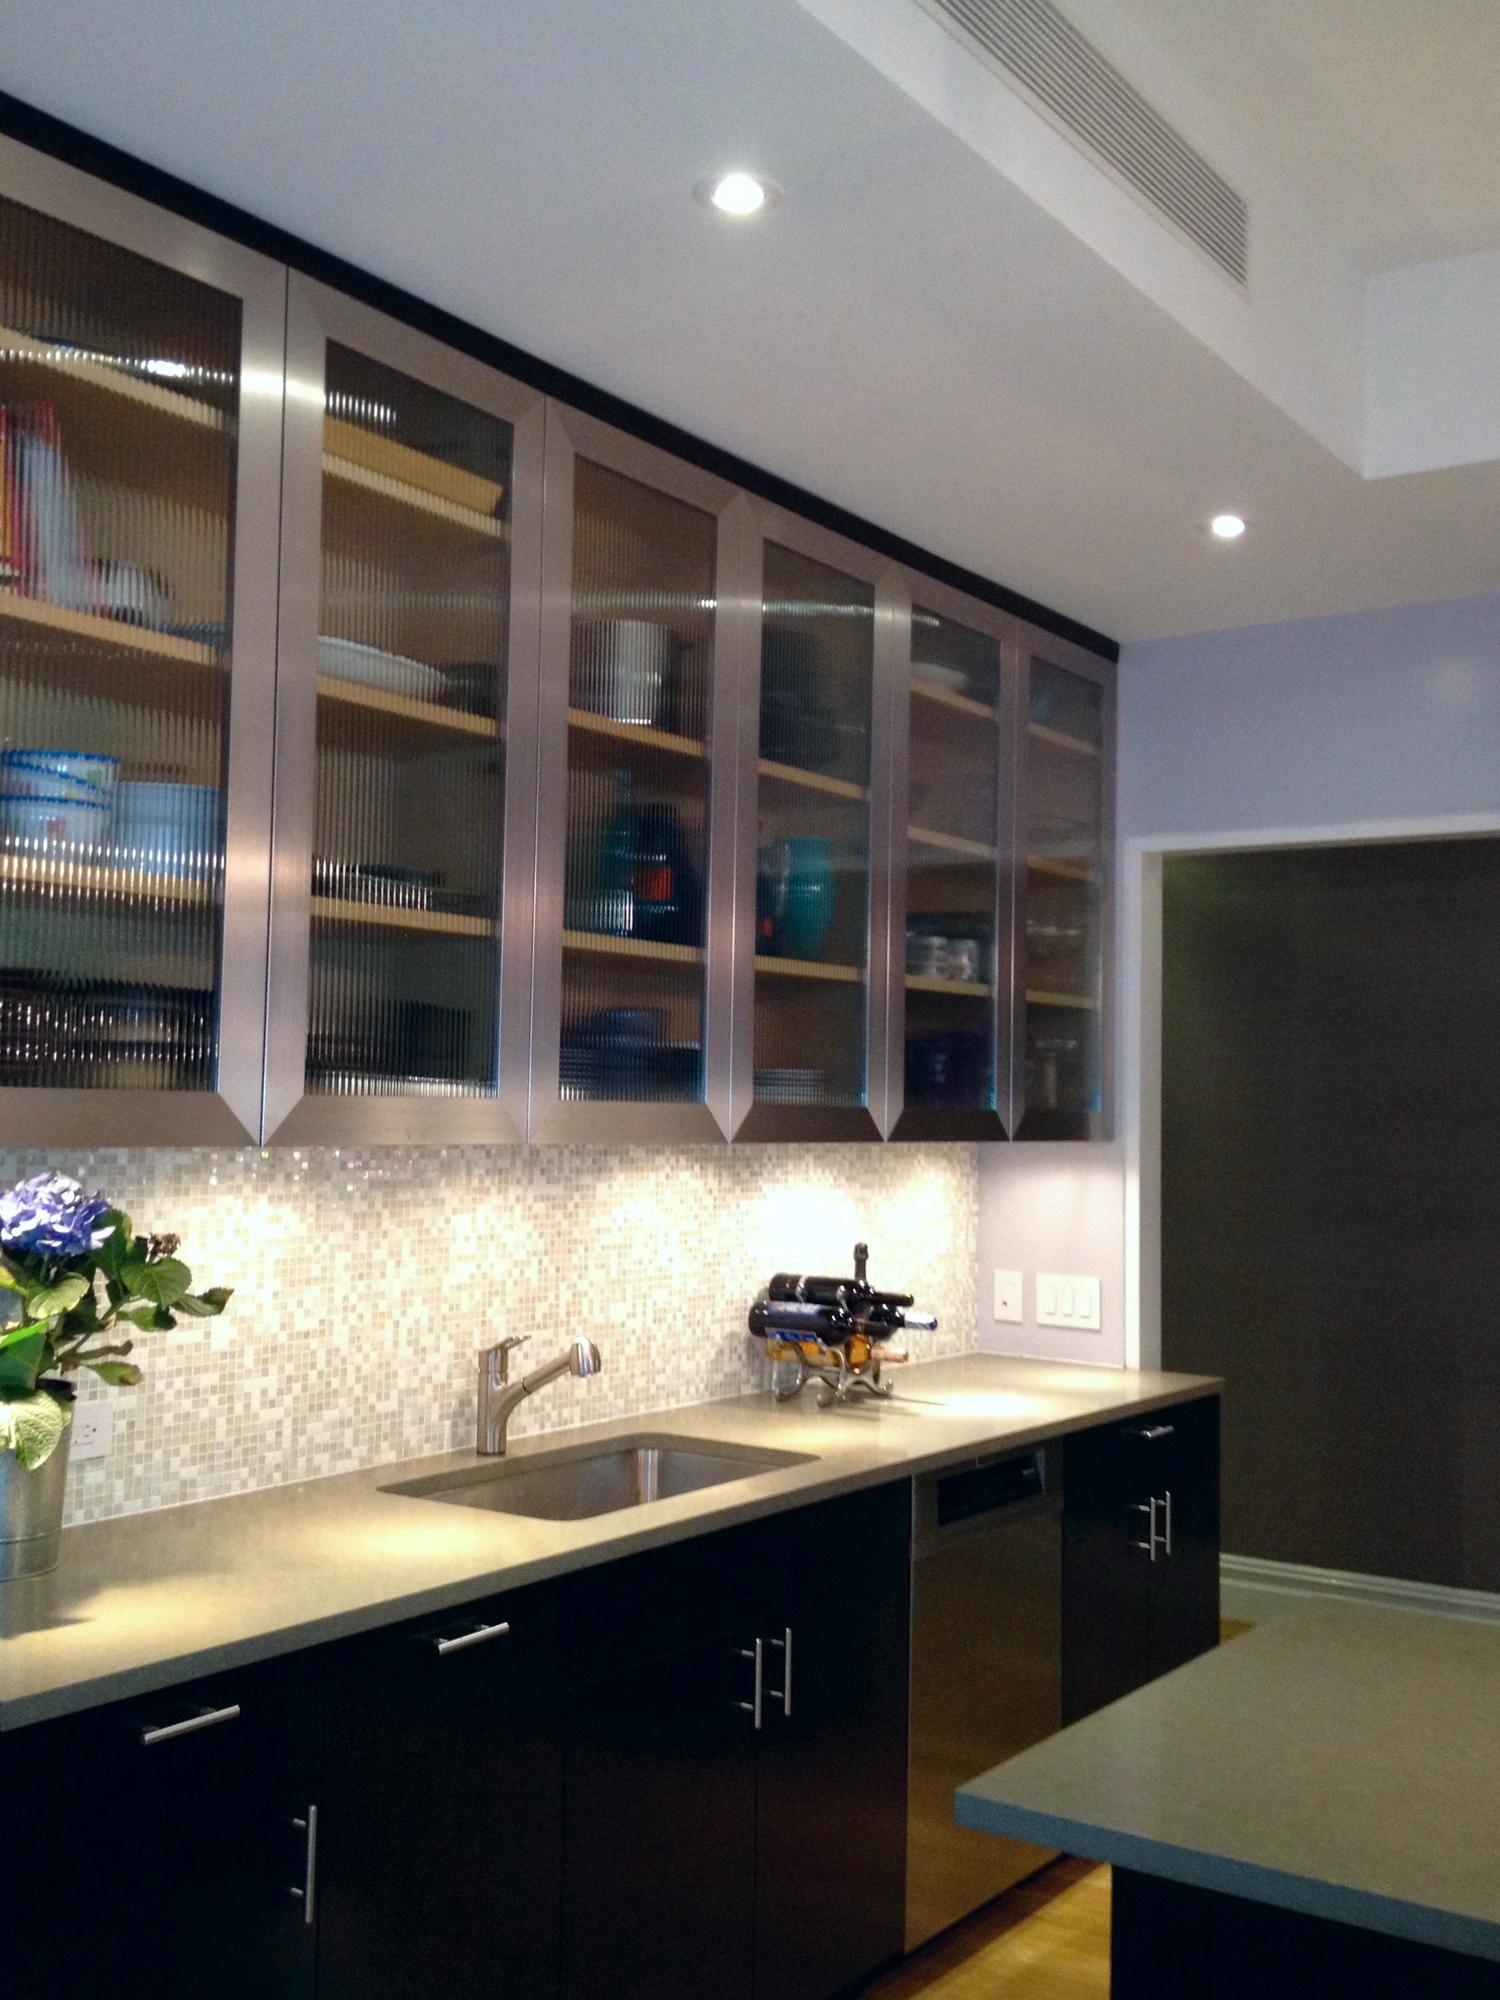 Beth+Kitchen+sink.jpg